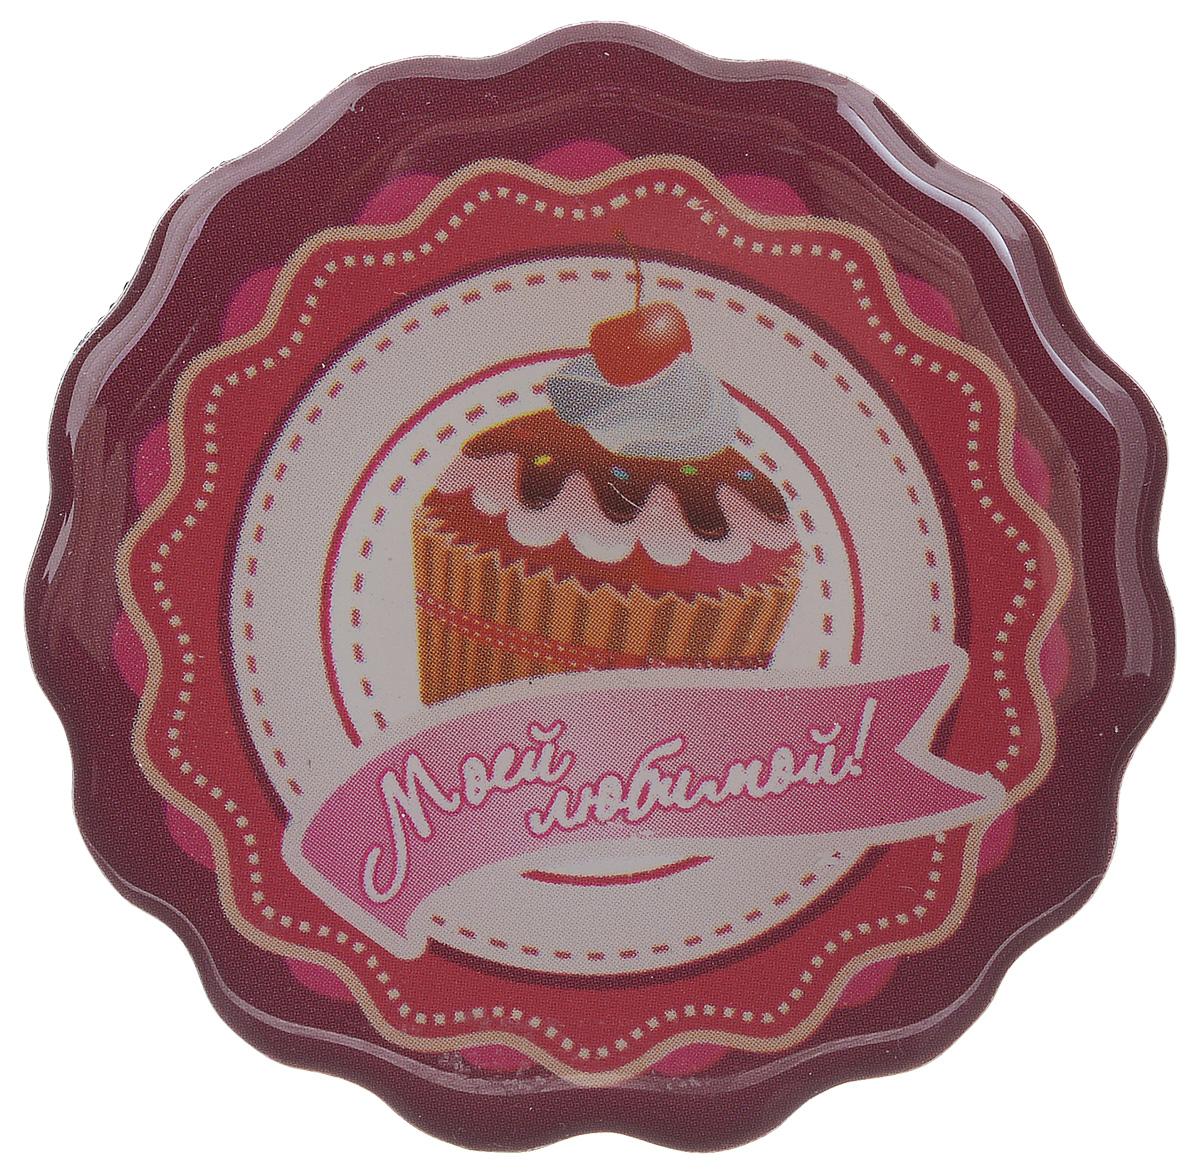 Магнит Феникс-презент Моей любимой!, диаметр 5 см31517Магнит круглой формы Феникс-презент Моей любимой!, выполненный из агломерированного феррита, станет приятным штрихом в повседневной жизни. Оригинальный магнит, декорированный изображением пирожного, поможет вам украсить не только холодильник, но и любую другую магнитную поверхность. Материал: агломерированный феррит.